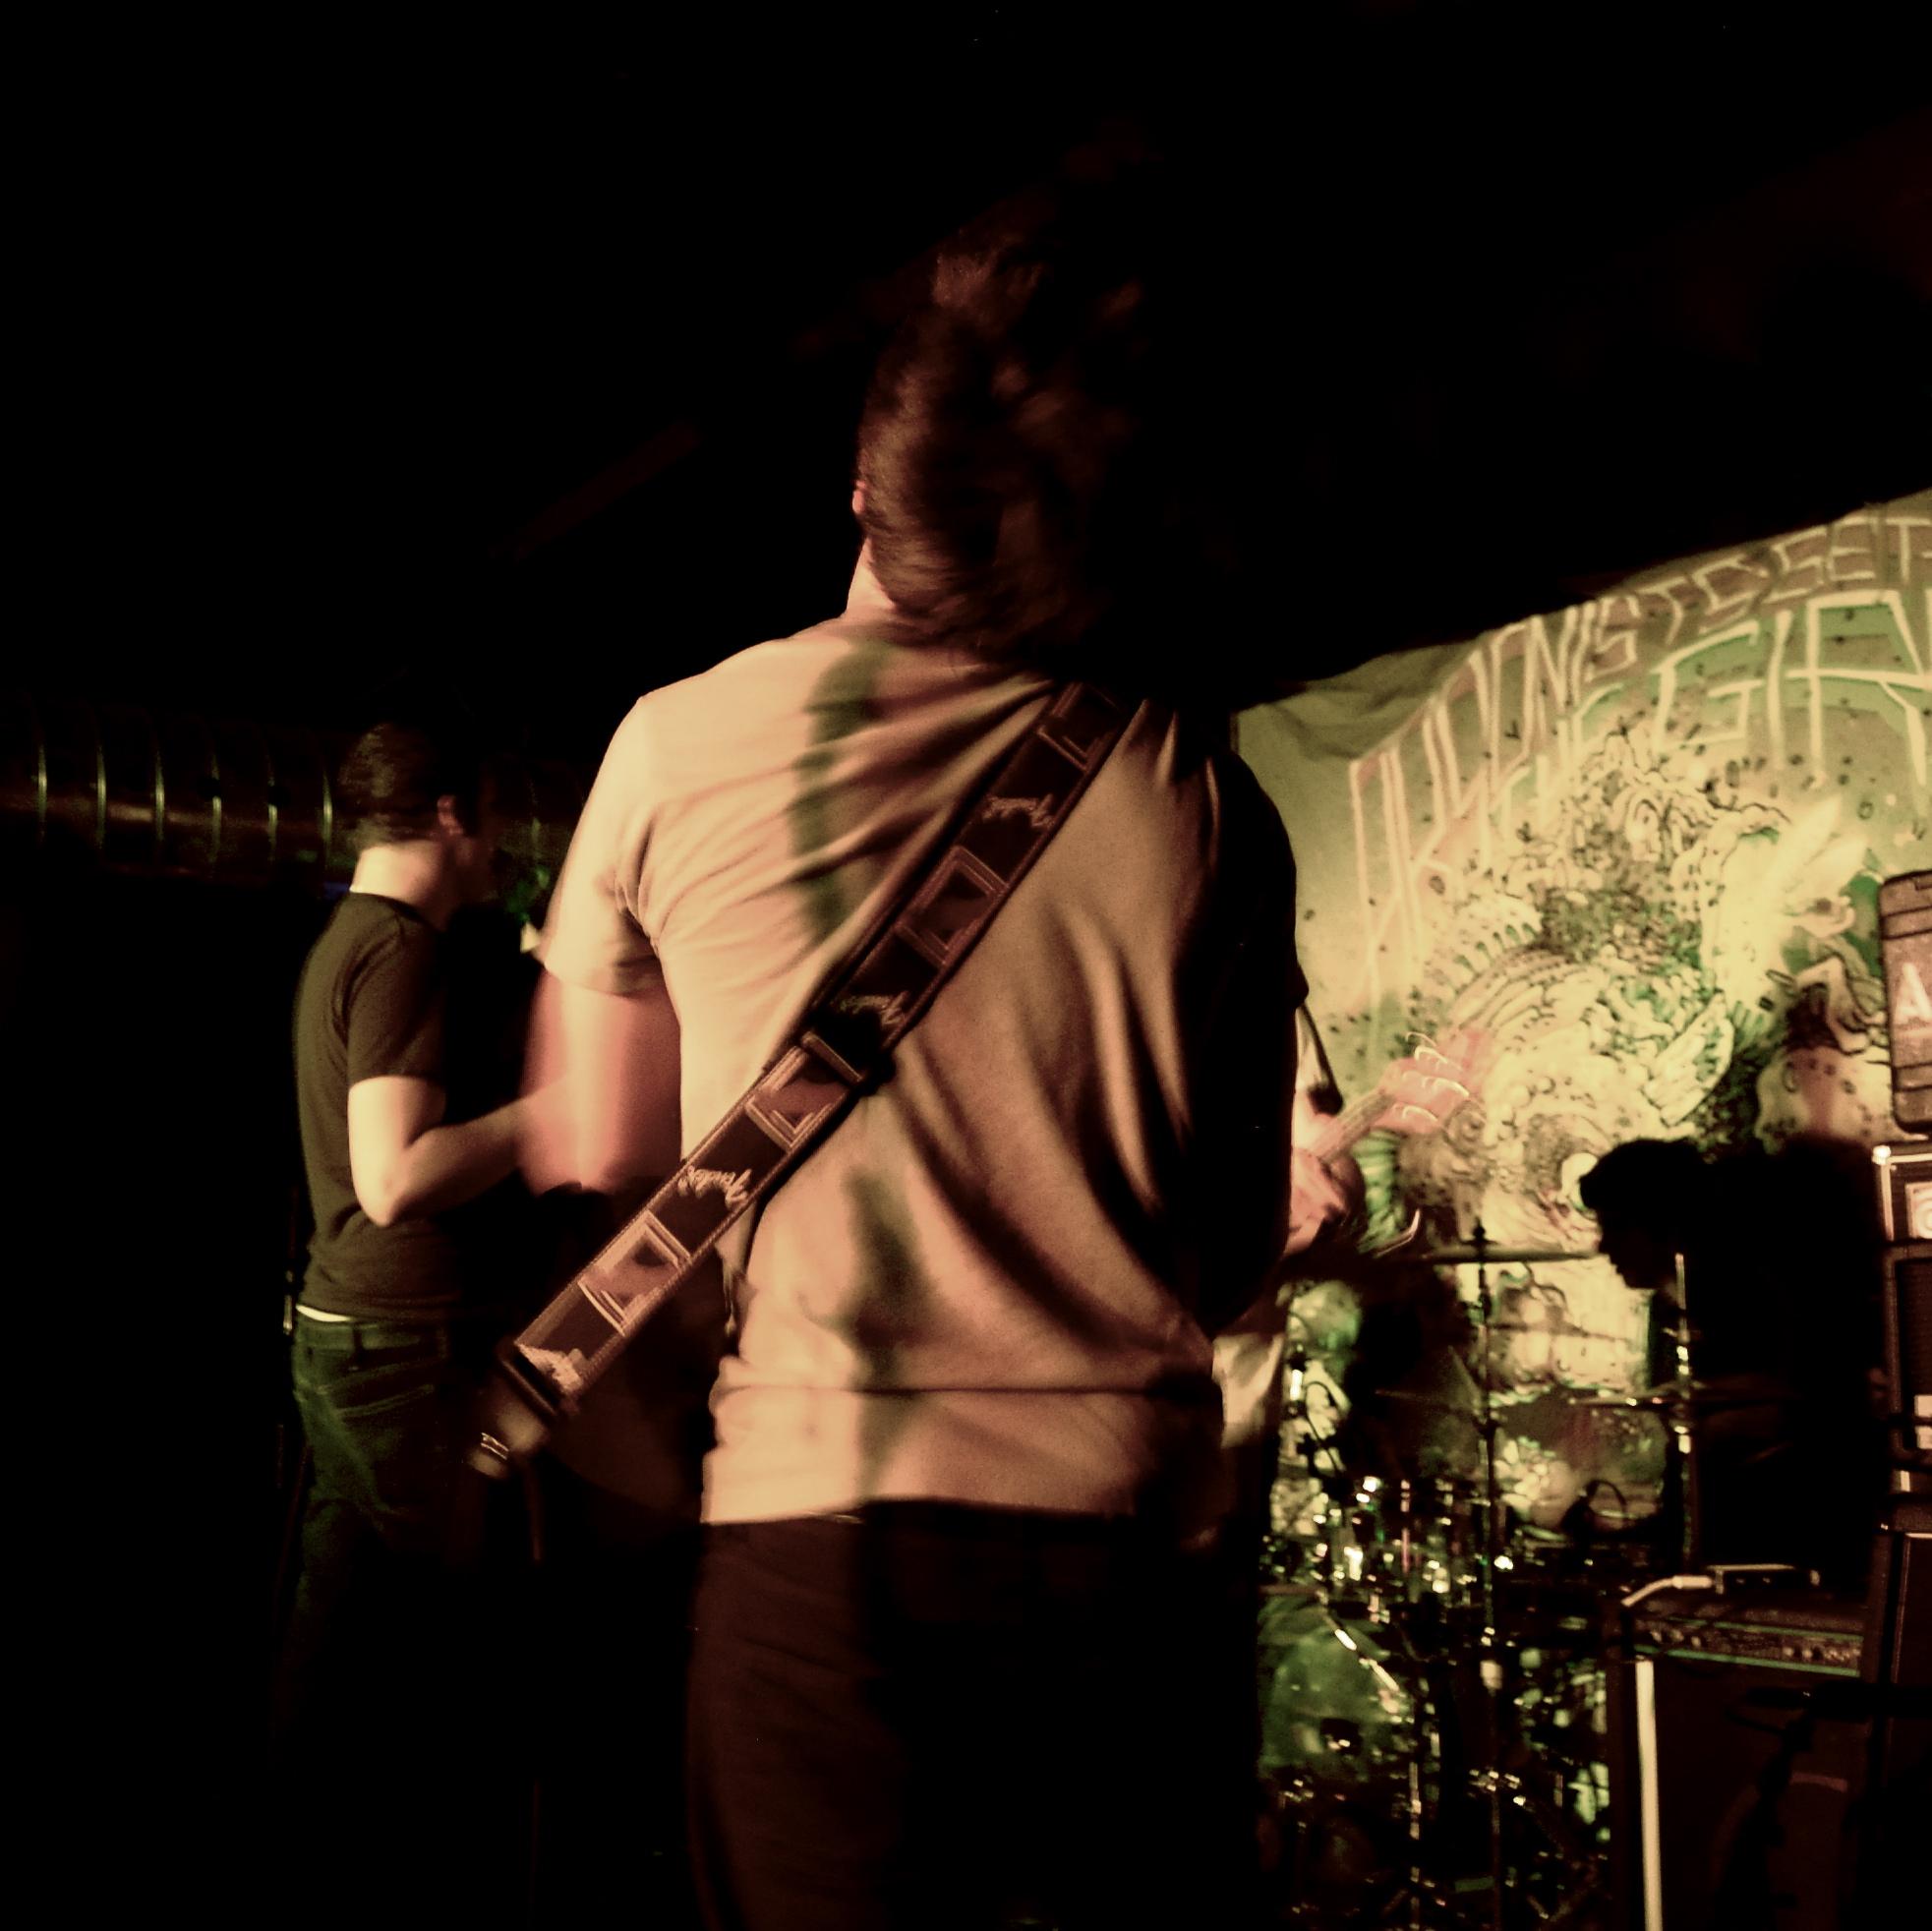 Simon at the Underworld, October 18th 2009. Photo courtesy of Marina Polak